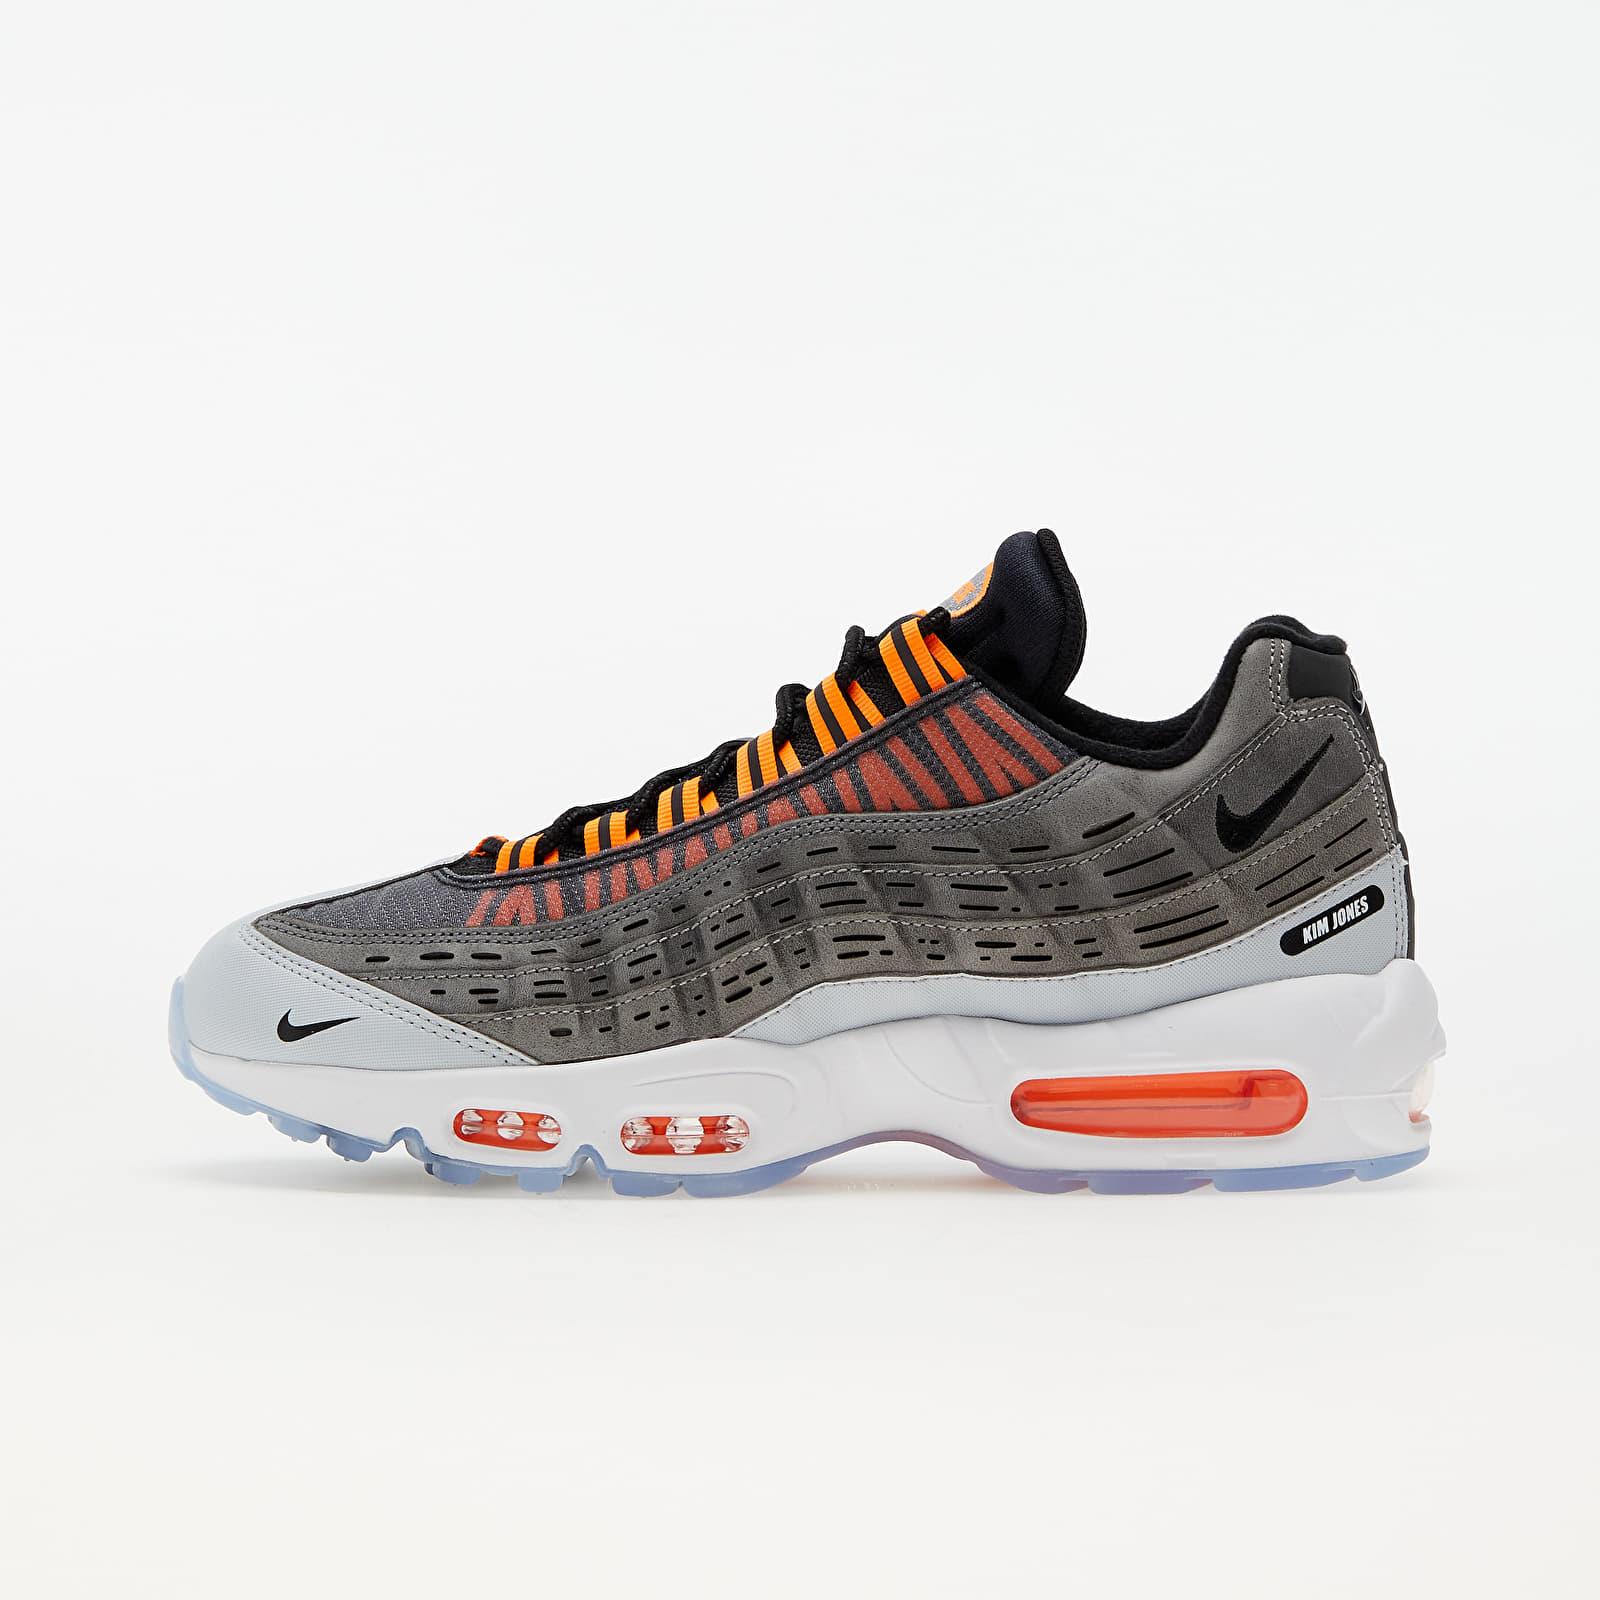 Nike x Kim Jones Air Max 95 Black/ Total Orange-Dark Grey-Cool Grey EUR 47.5